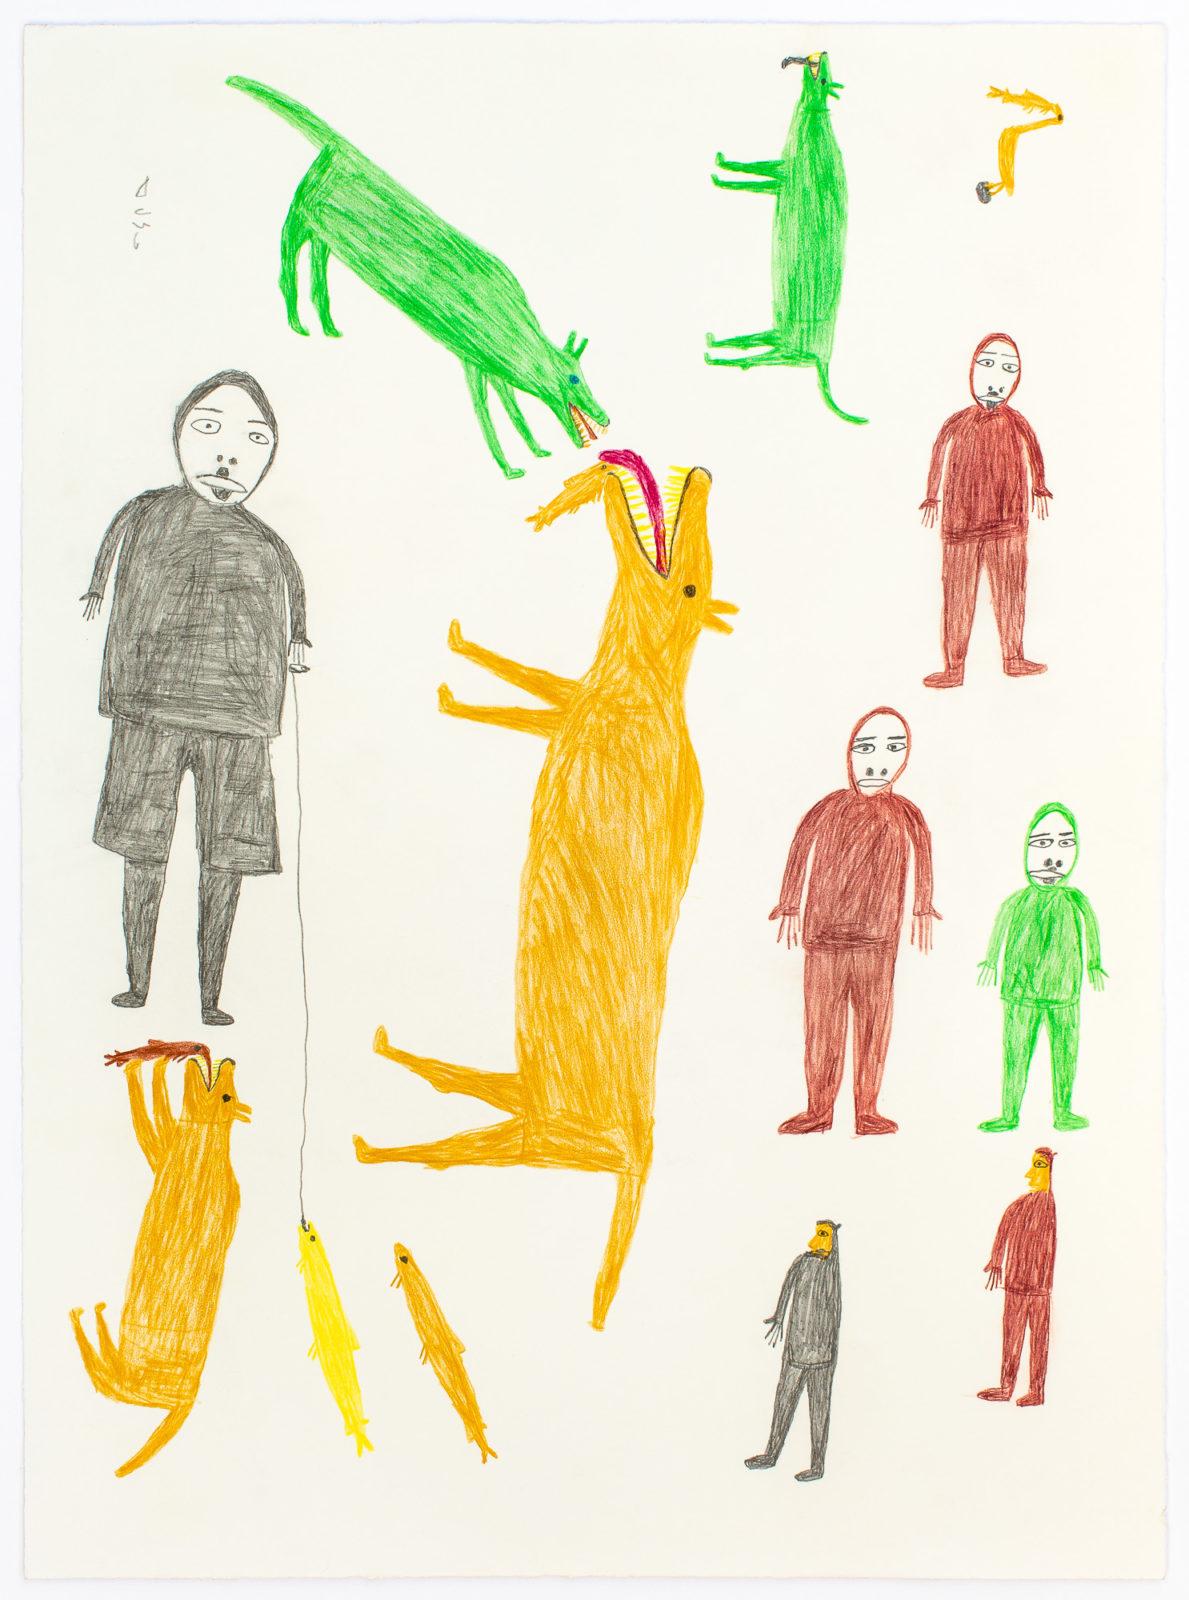 Luke Anguhadluq - untitled (figures and dogs)